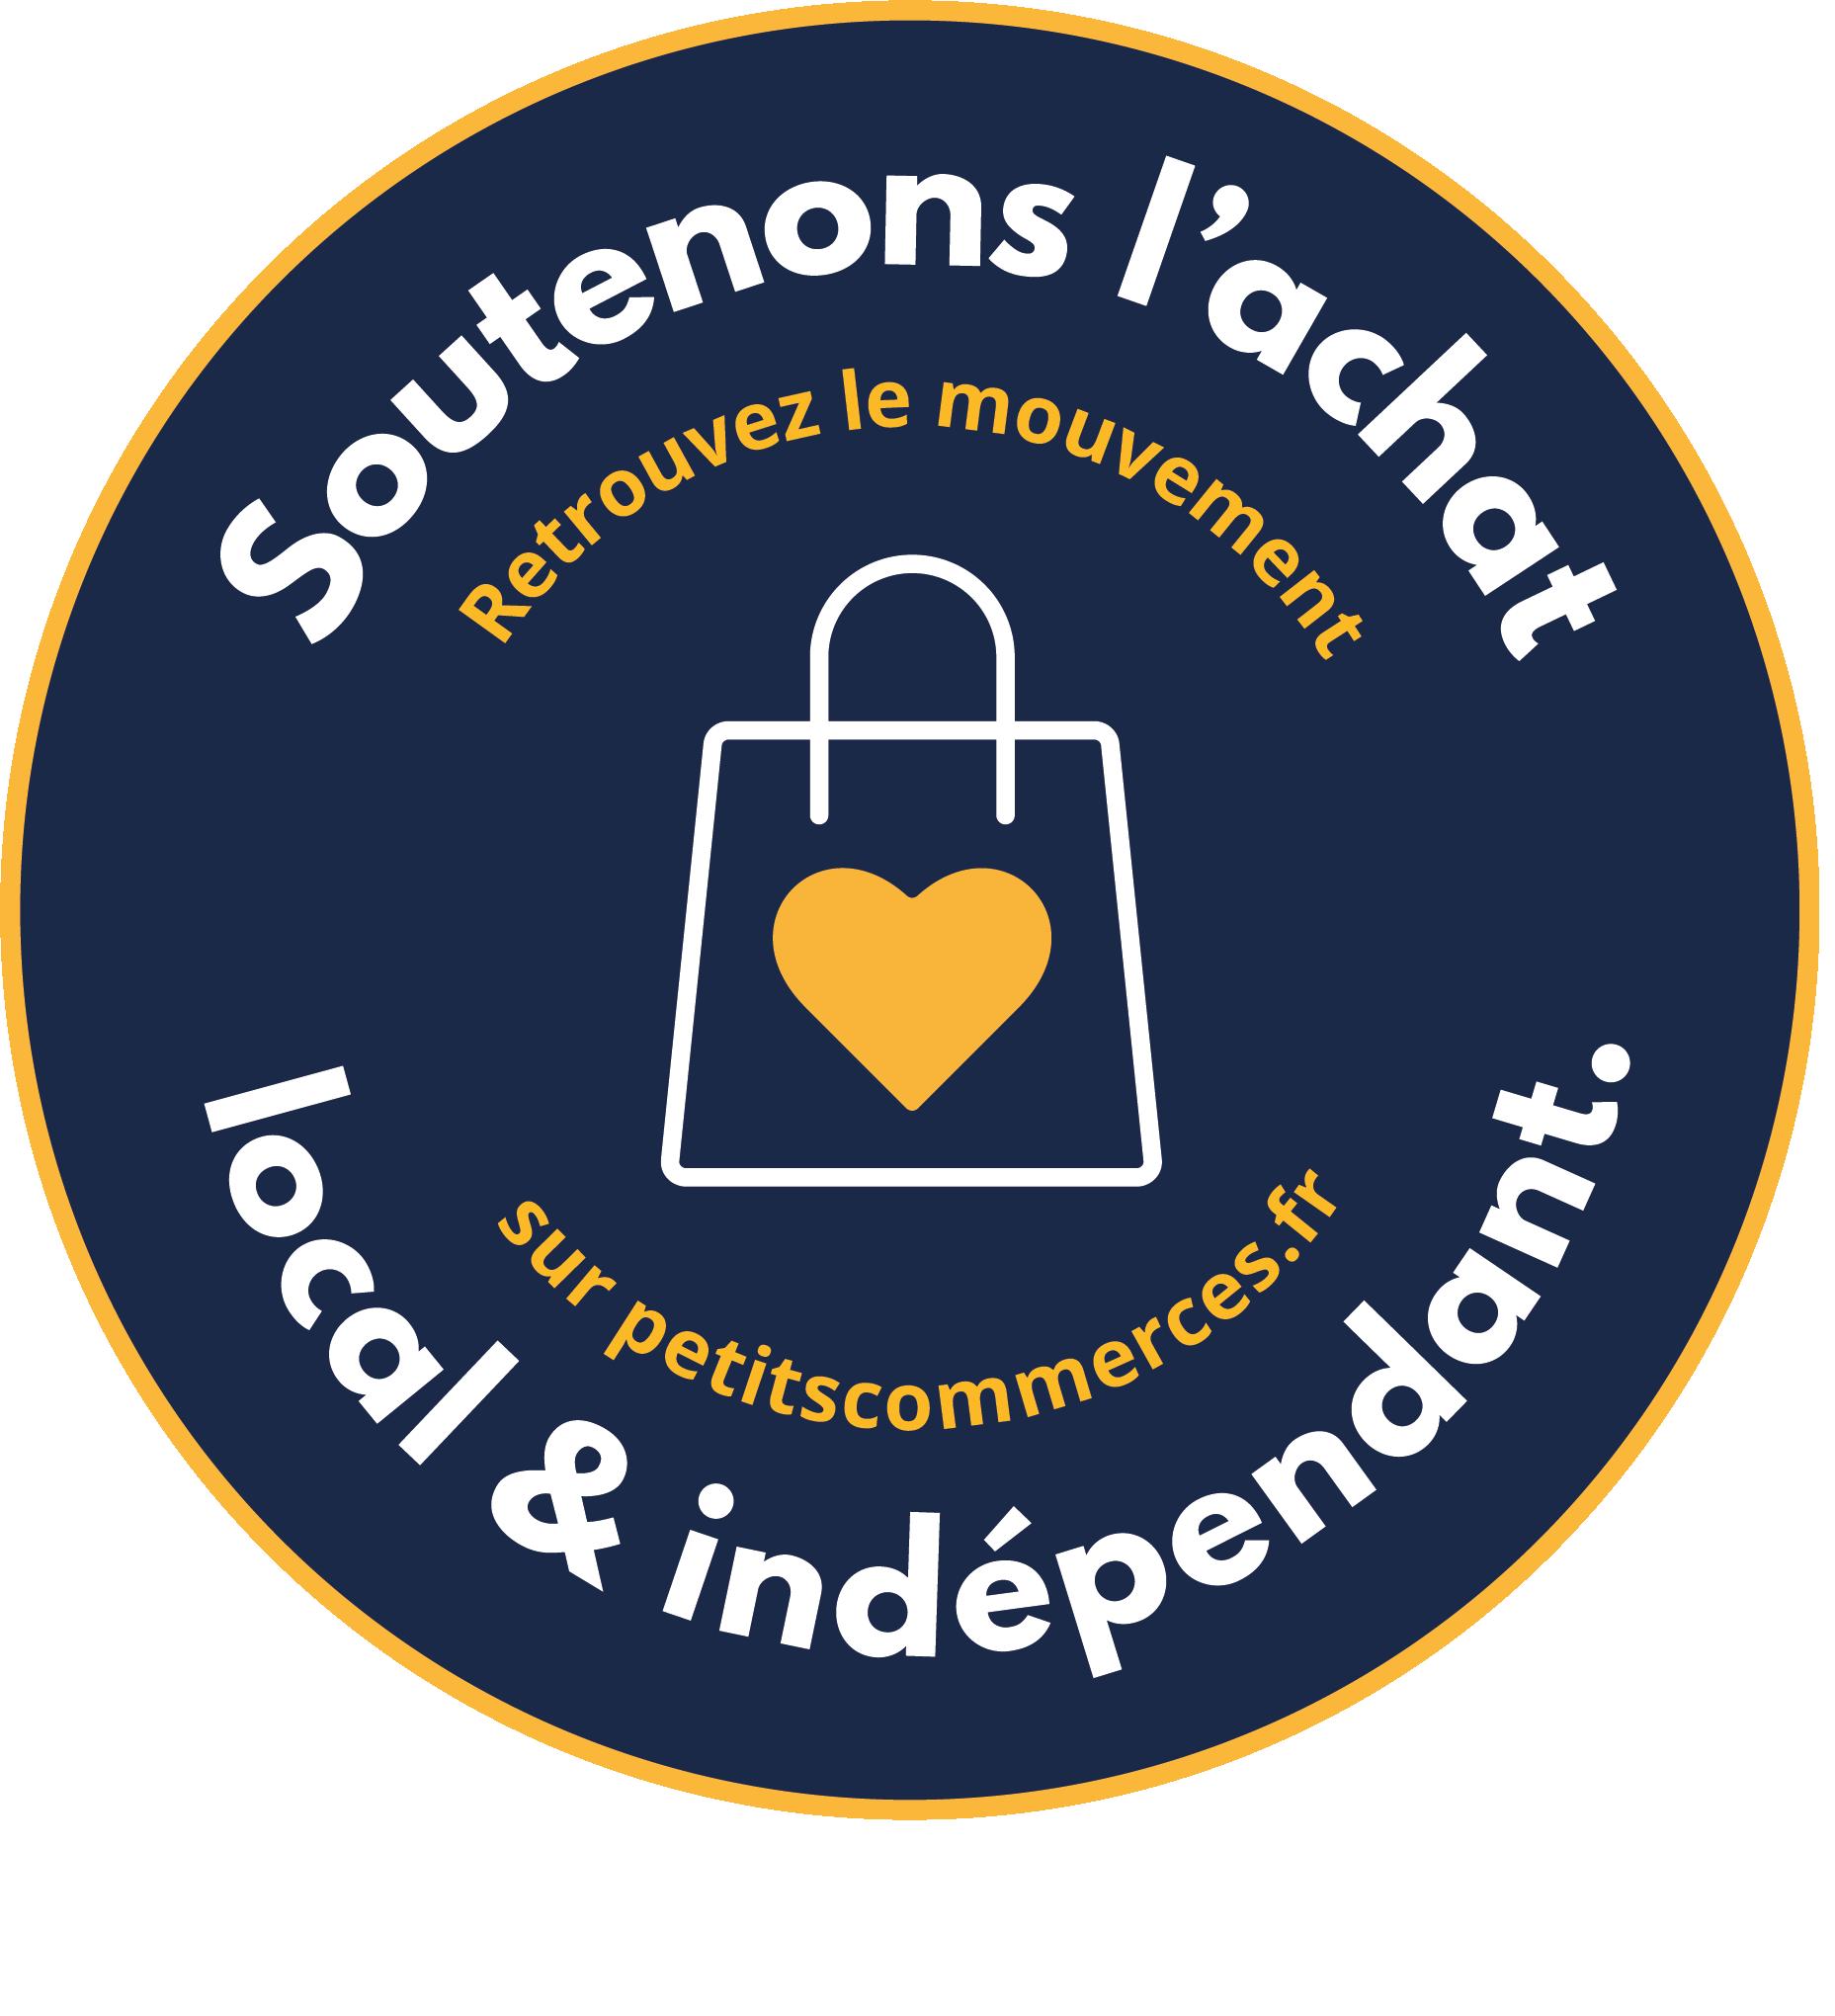 Mouvement Soutenons l'achat local & indépendant sur Petitscommerces.fr